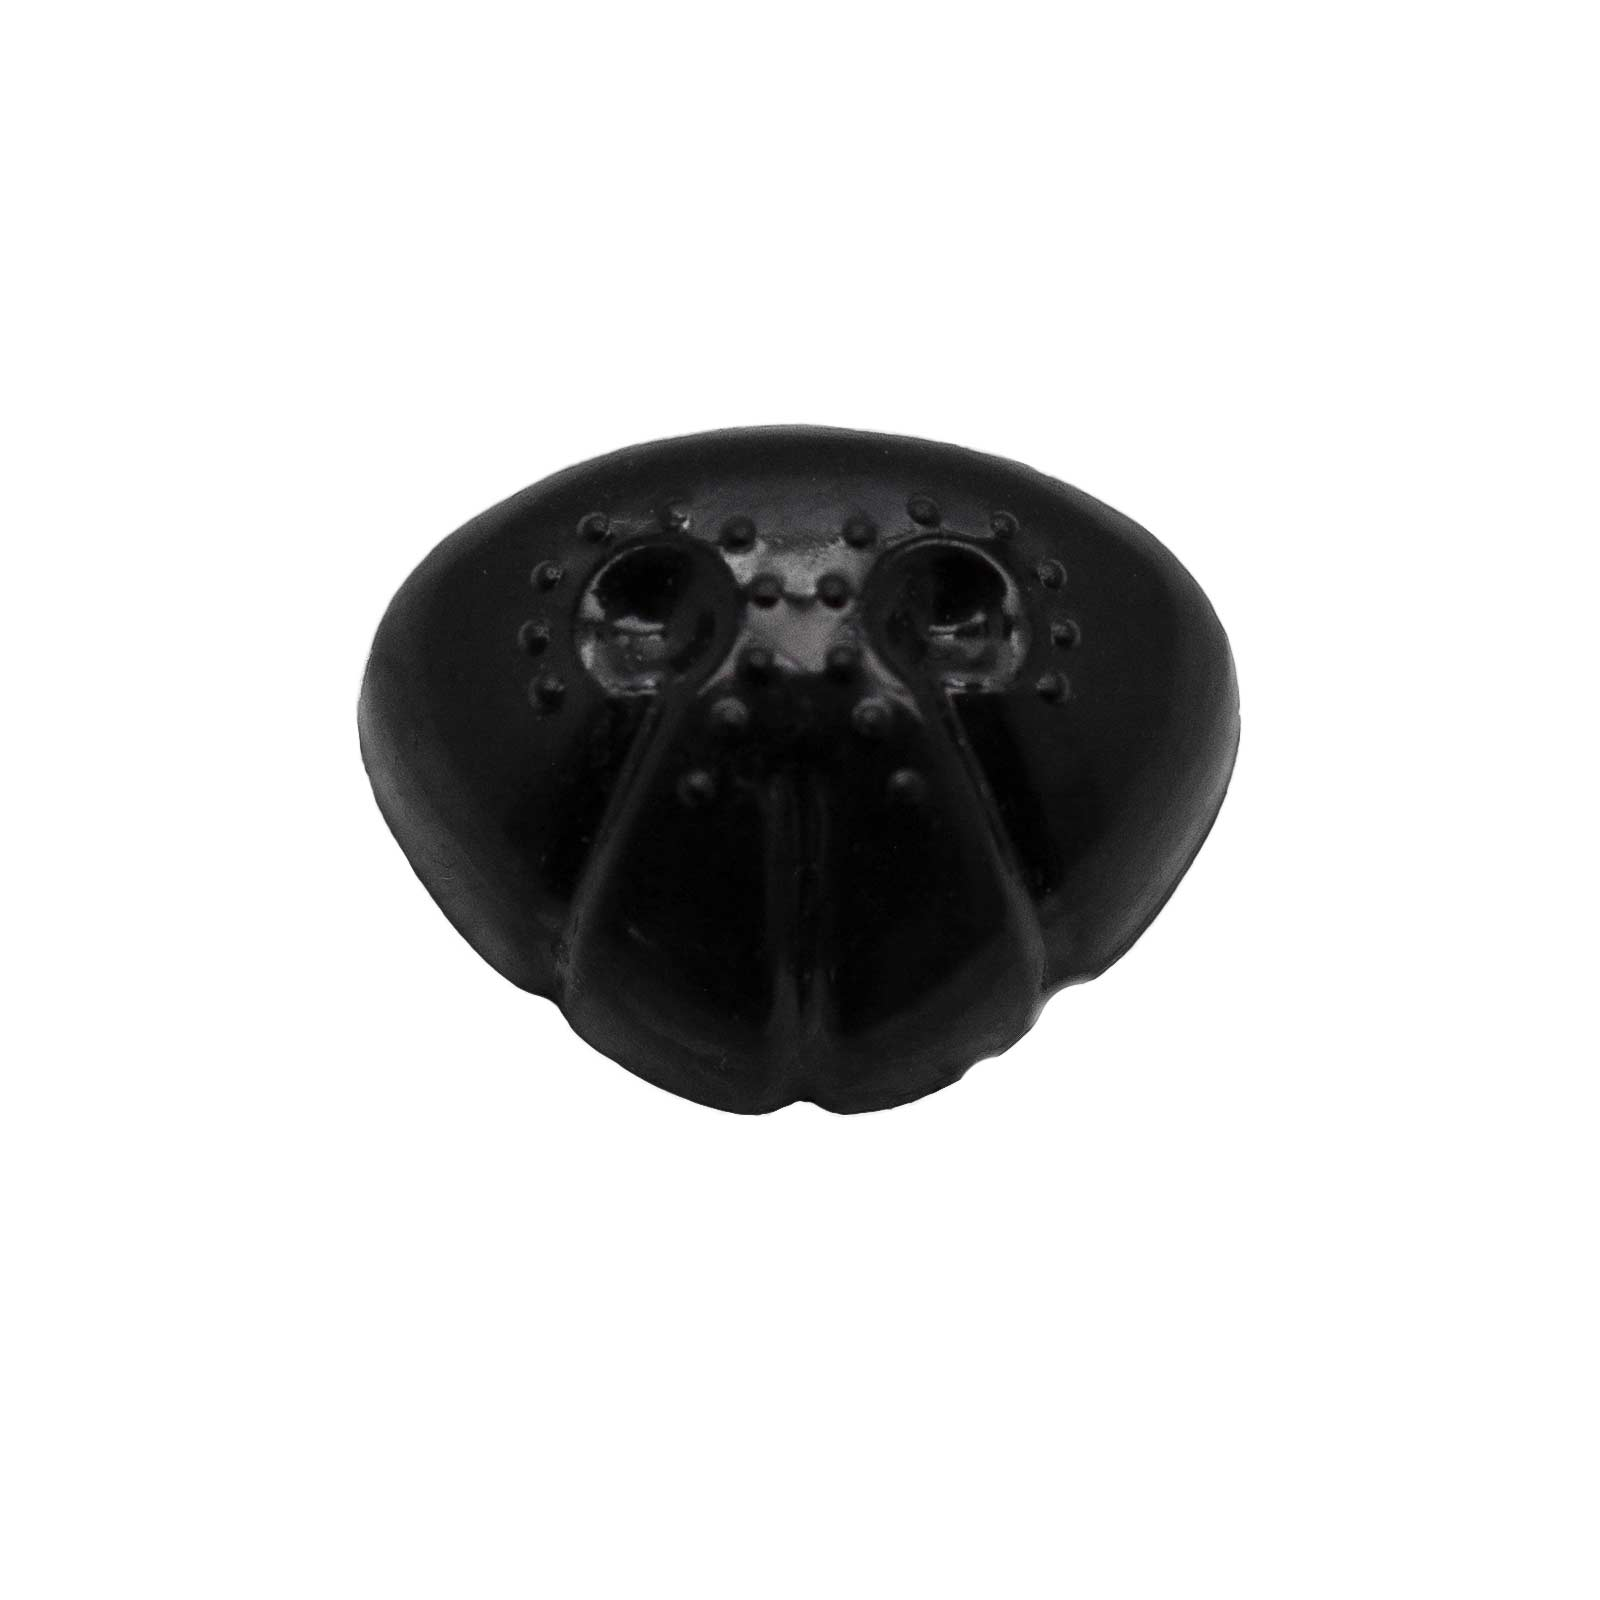 Nasen für Kuscheltiere uvm 23x18mm 10 Kunststoff schwarz